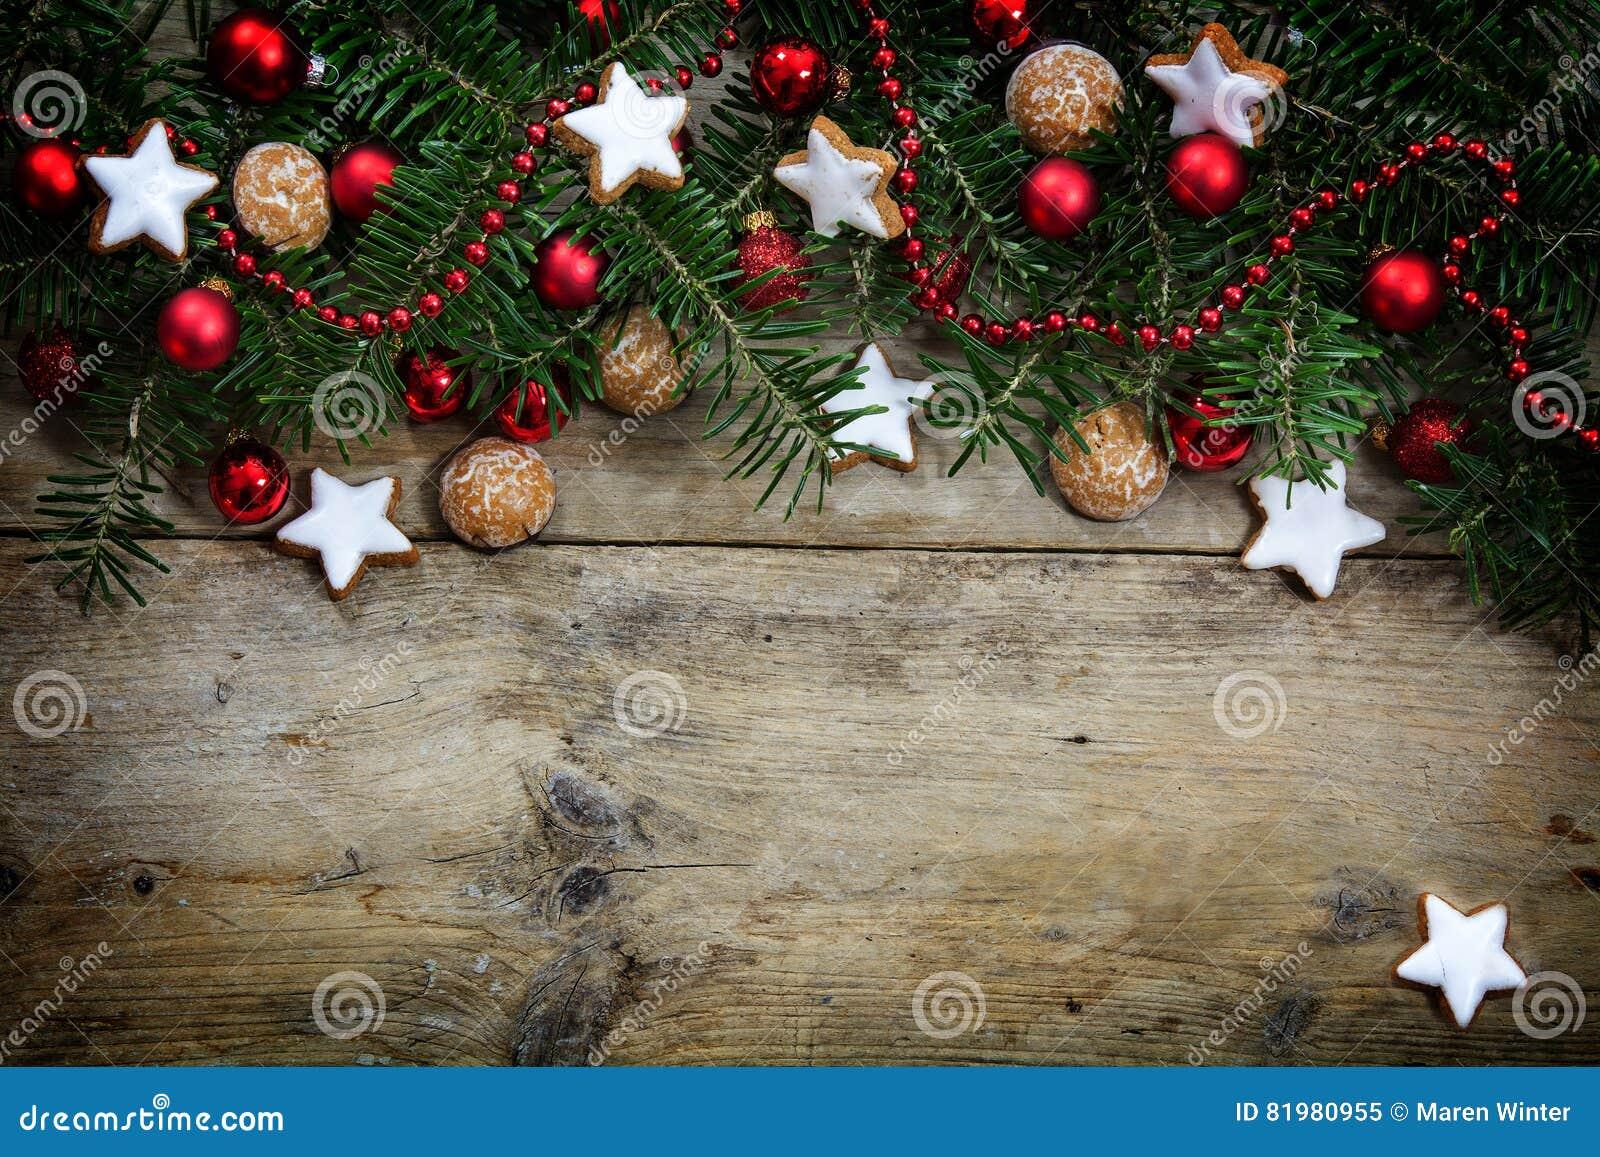 Albero Di Natale Decorato Con Biscotti.Rami Di Albero Dell Abete Decorati Con Le Palle Ed I Biscotti Rossi Di Natale Immagine Stock Immagine Di Rosso Rustic 81980955